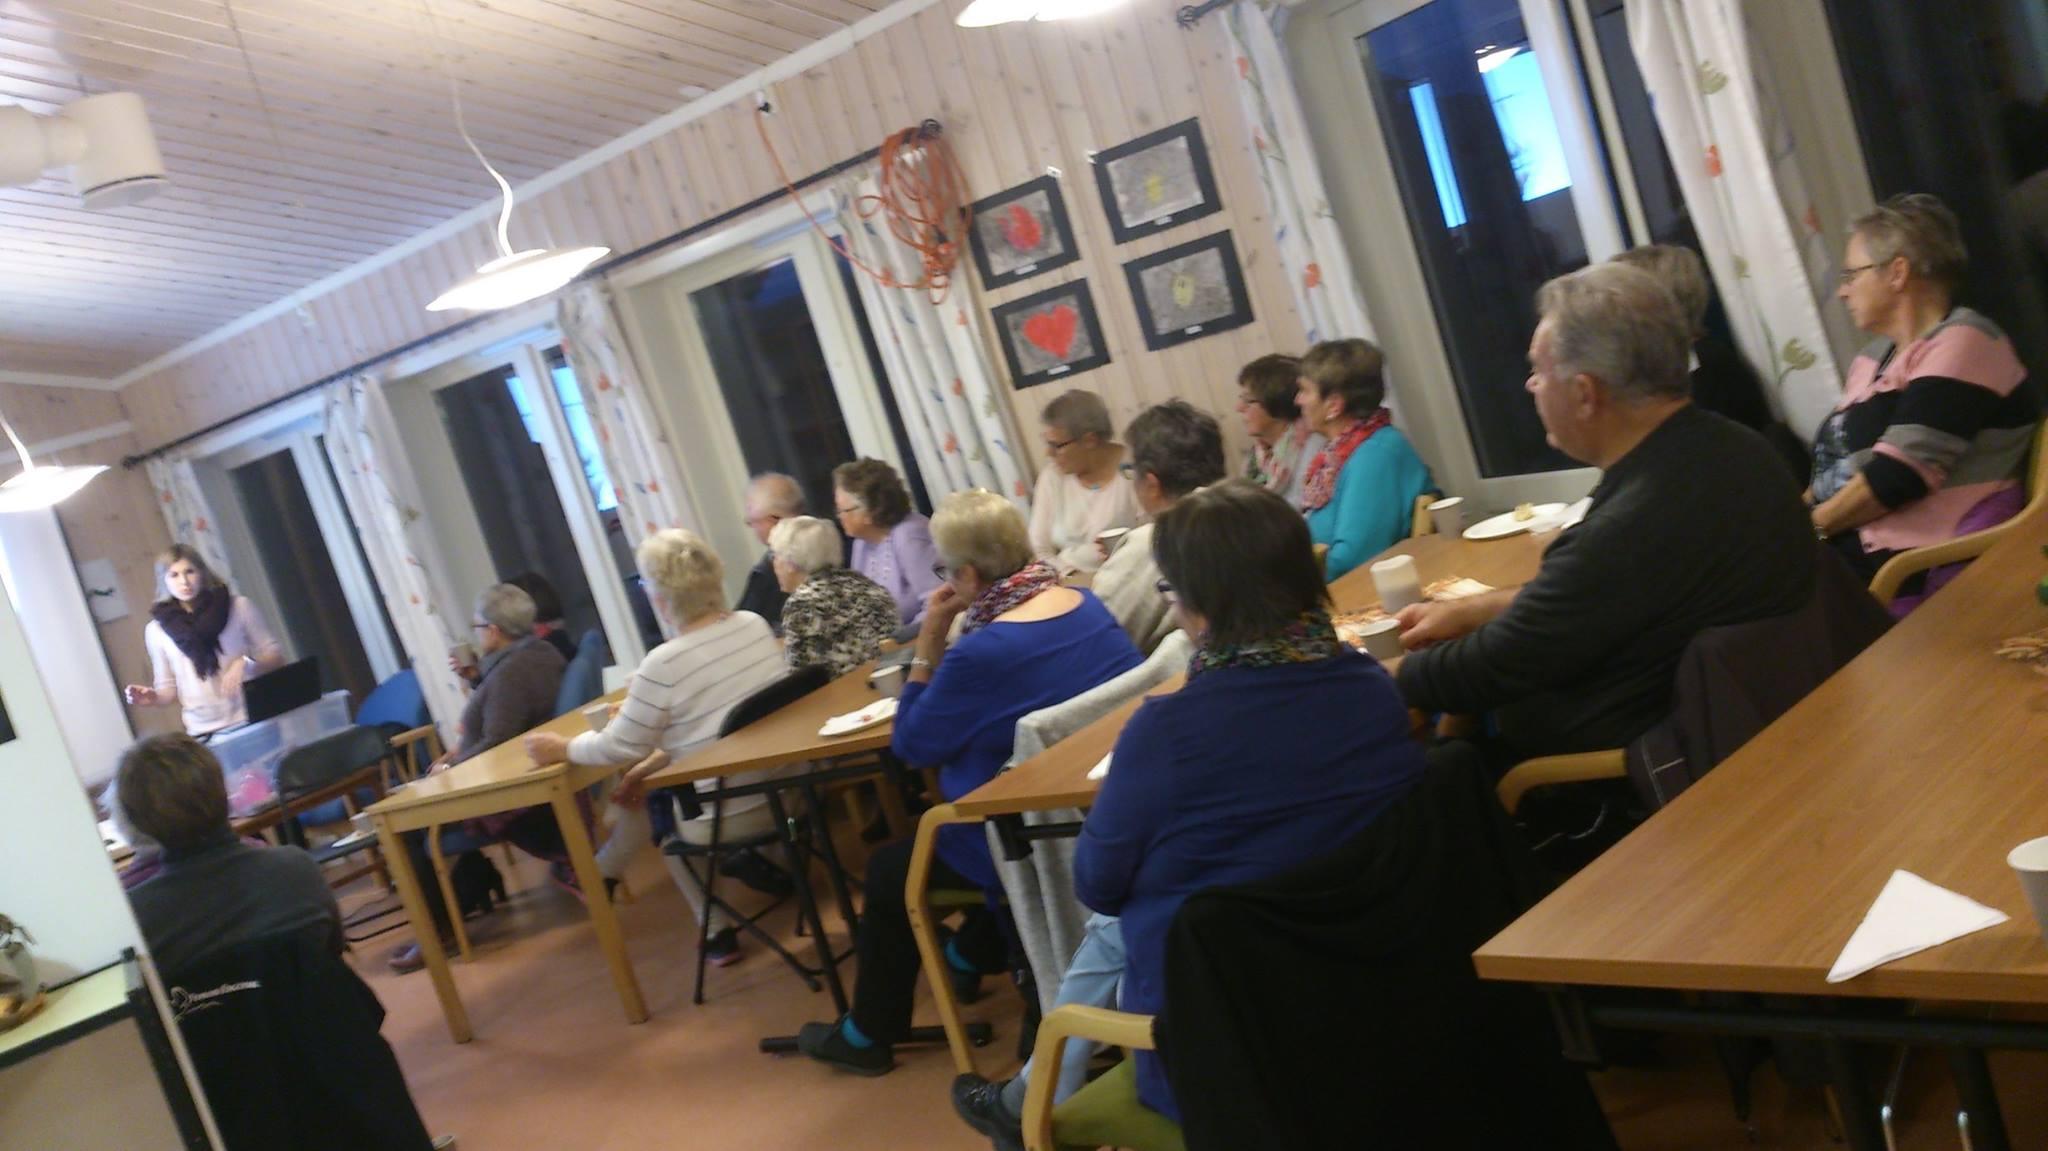 Leddet er ikke utslitt, det må brukes.Karin Magnusson snakket om artrose i regi av Drevsjø Sanitetsforening 5. okt.2015. www.forskerlivet.no